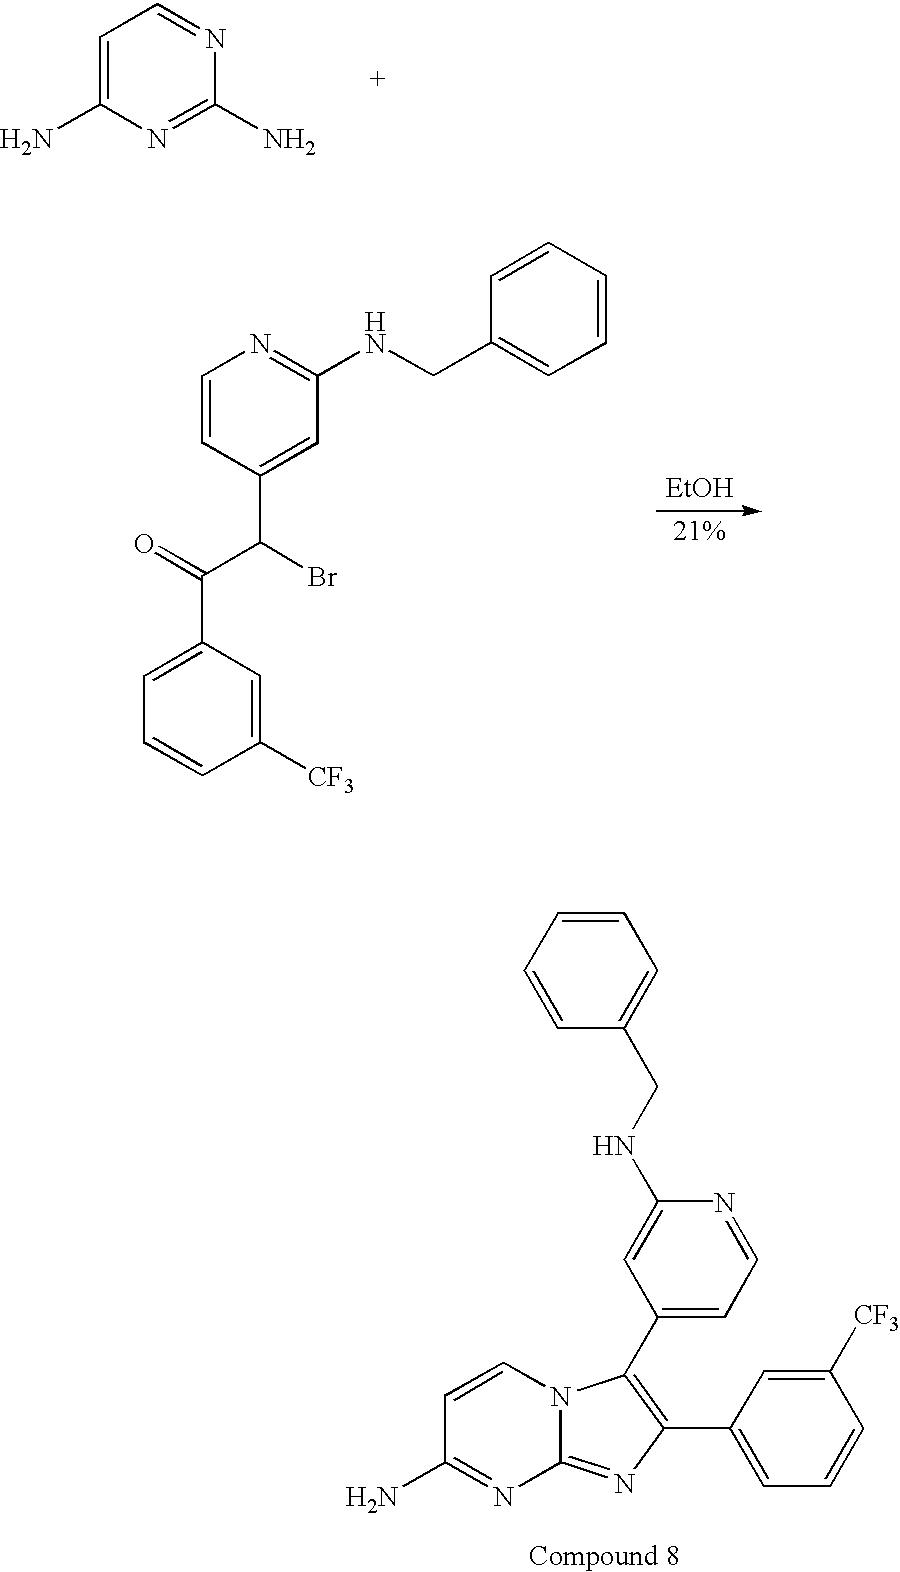 Figure US06610697-20030826-C00026